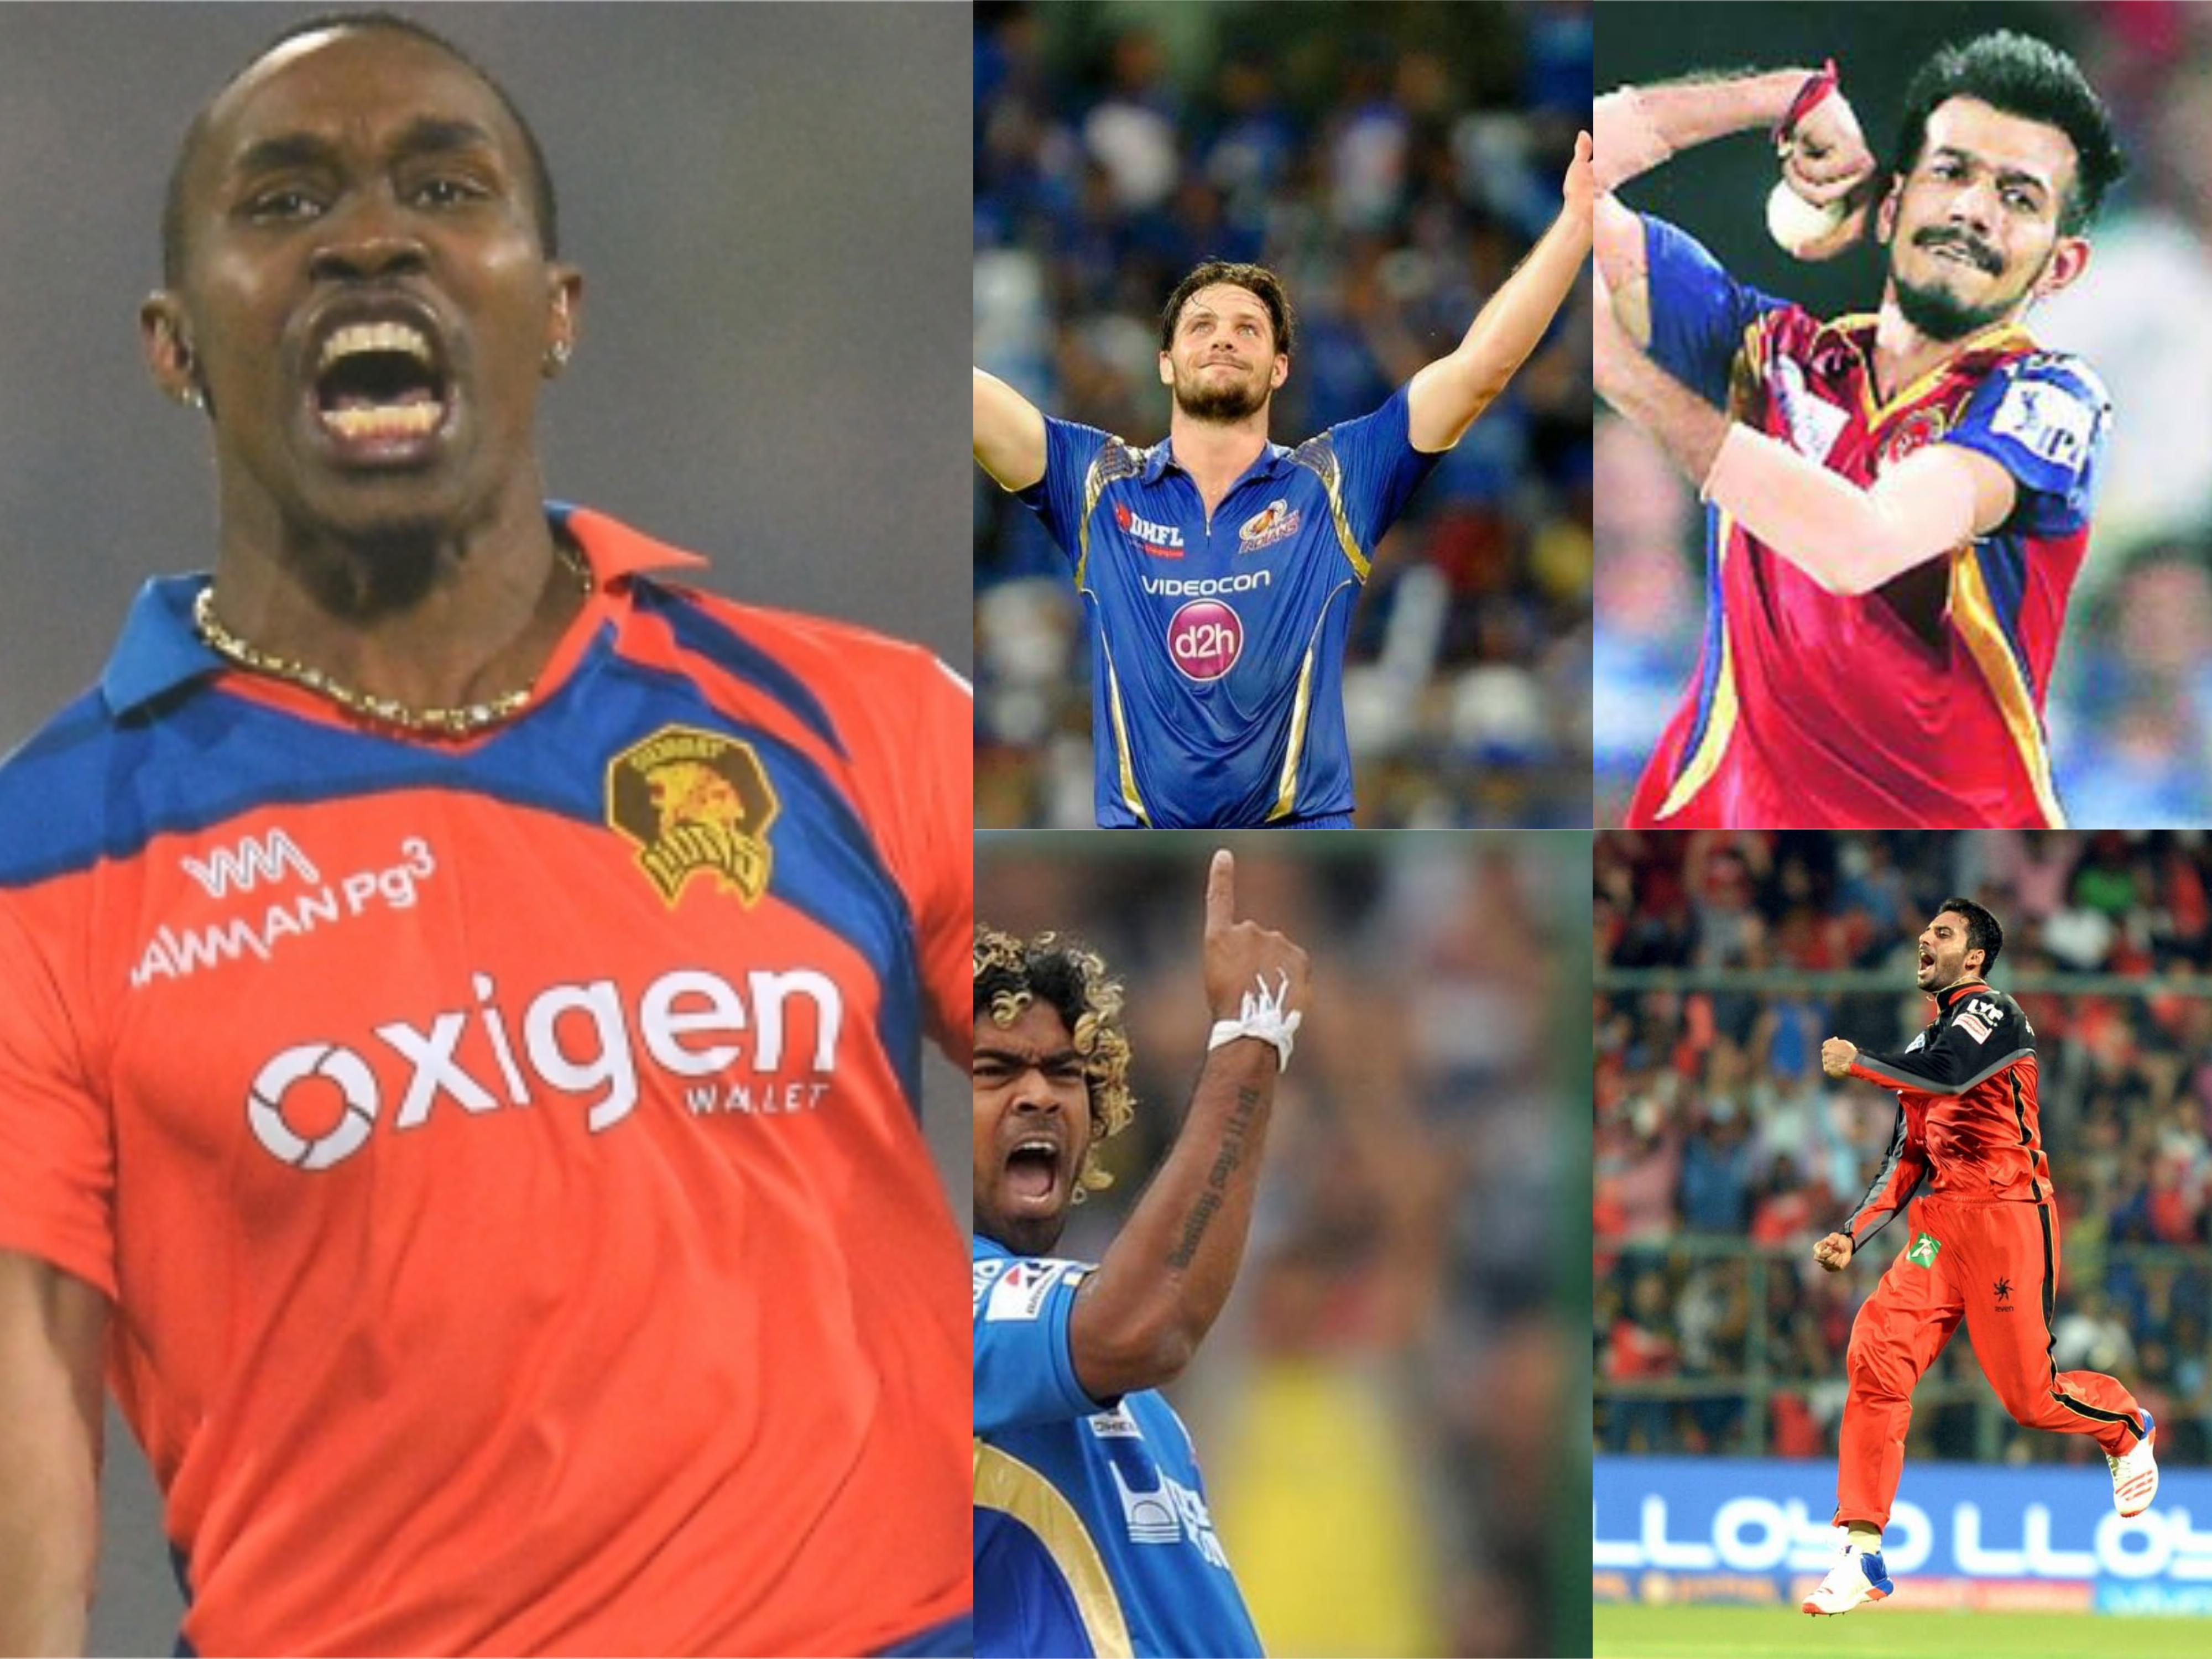 आईपीएल के अब तक इतिहास में सबसे कम गेंद पर विकेट लेने वाले गेंदबाज़, सूचि में है काफी चौकाने वाले नाम 9